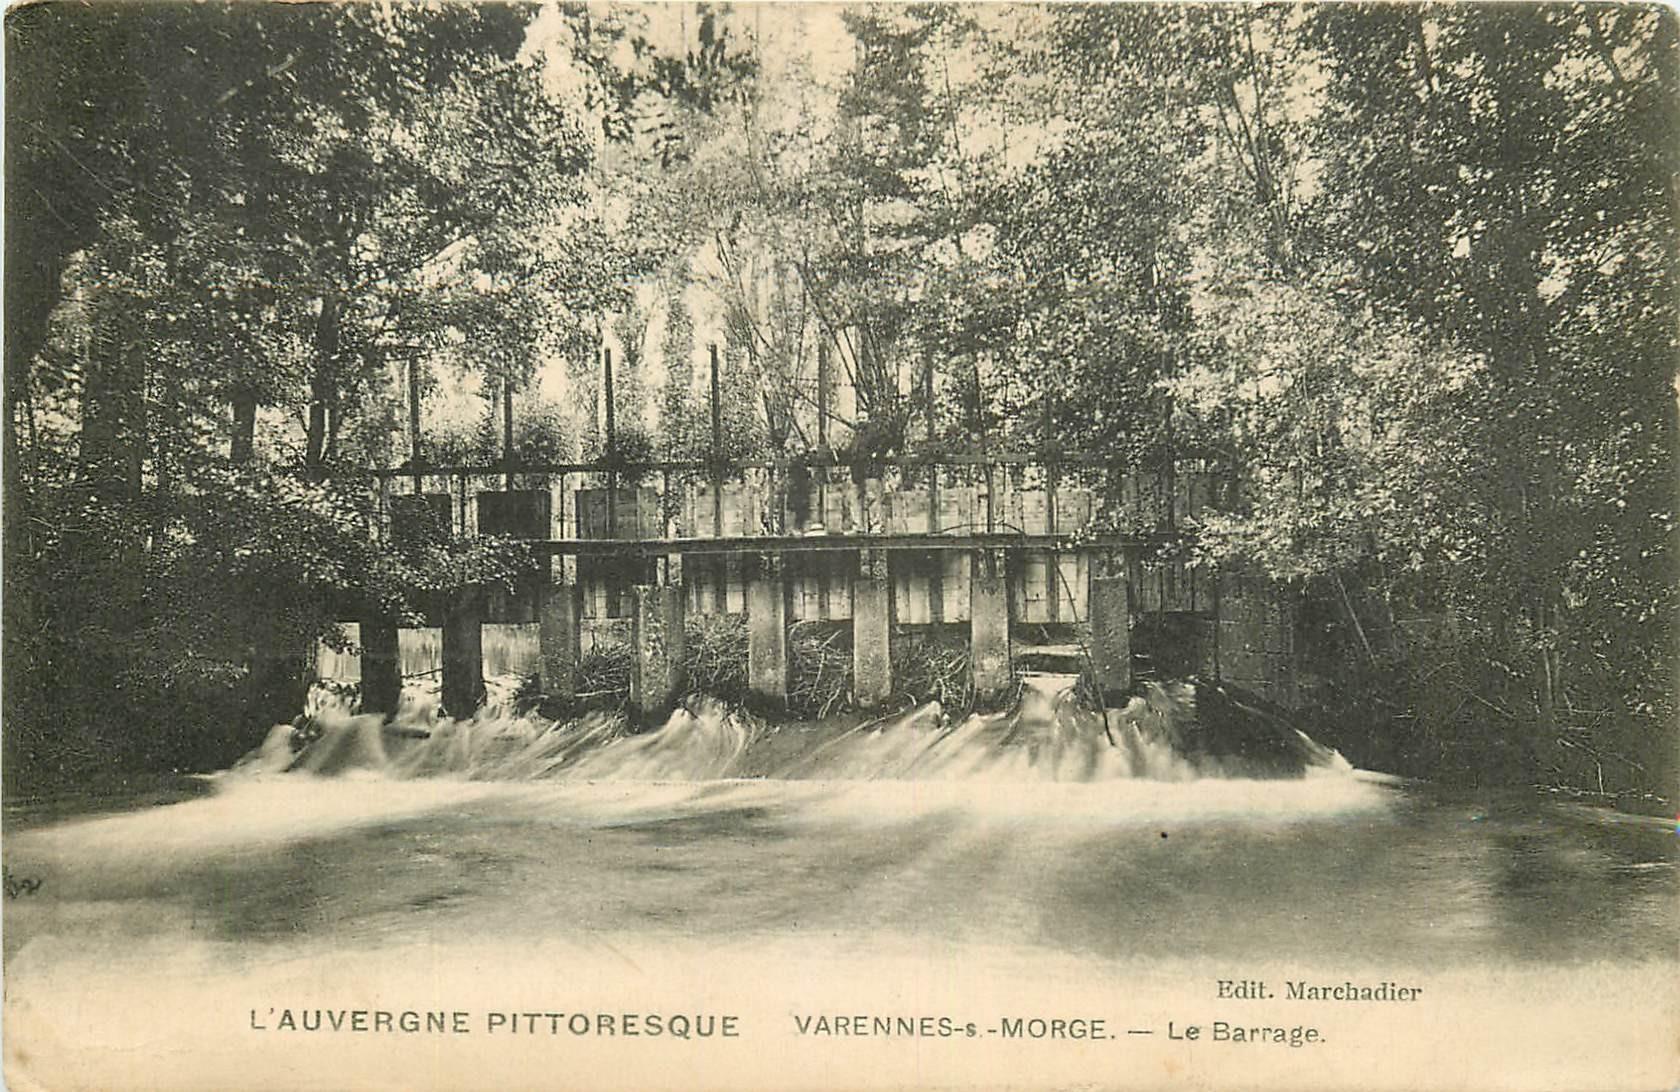 WW 63 VARENNES-SUR-MORGE. Le Barrage 1915